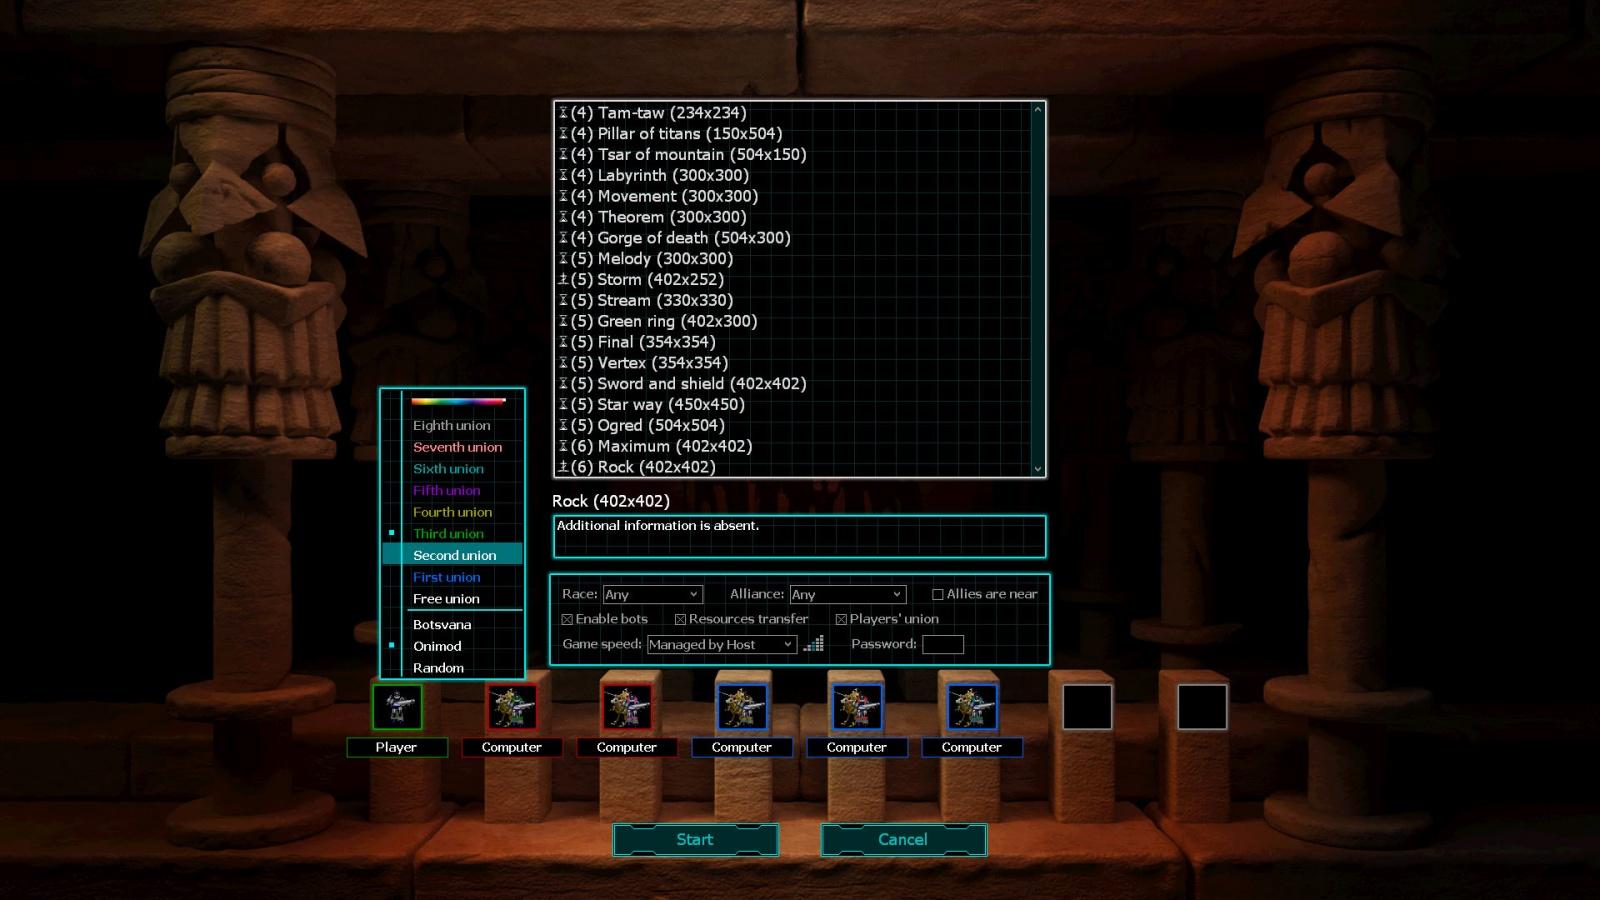 Повесть о создании классической RTS в домашних условиях с нуля (часть 2: «Воскрешение») - 3